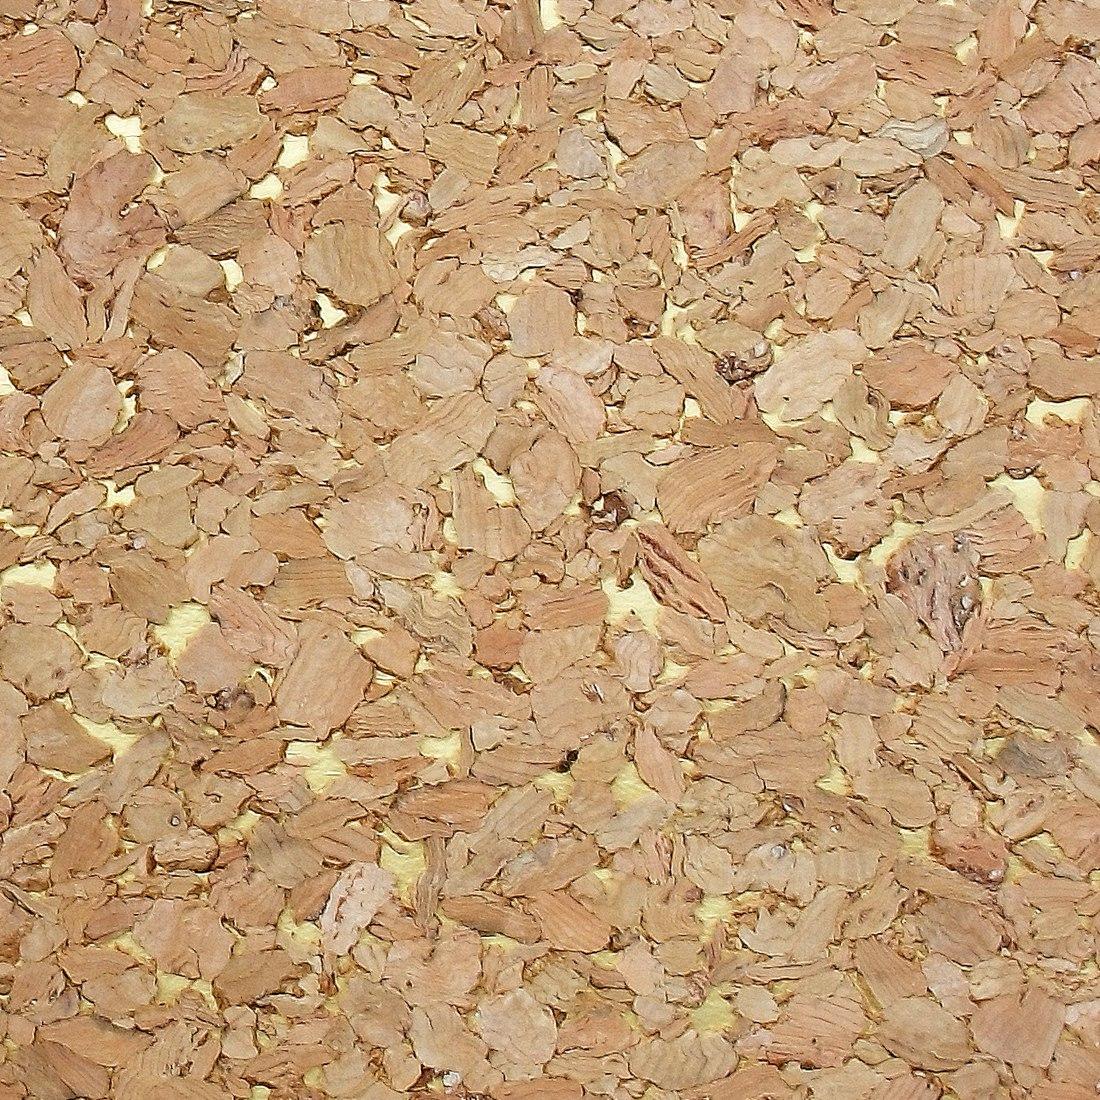 热销实拍纯天然木皮壁纸软木颗粒植物墙纸茶楼茶府背景环保无污染